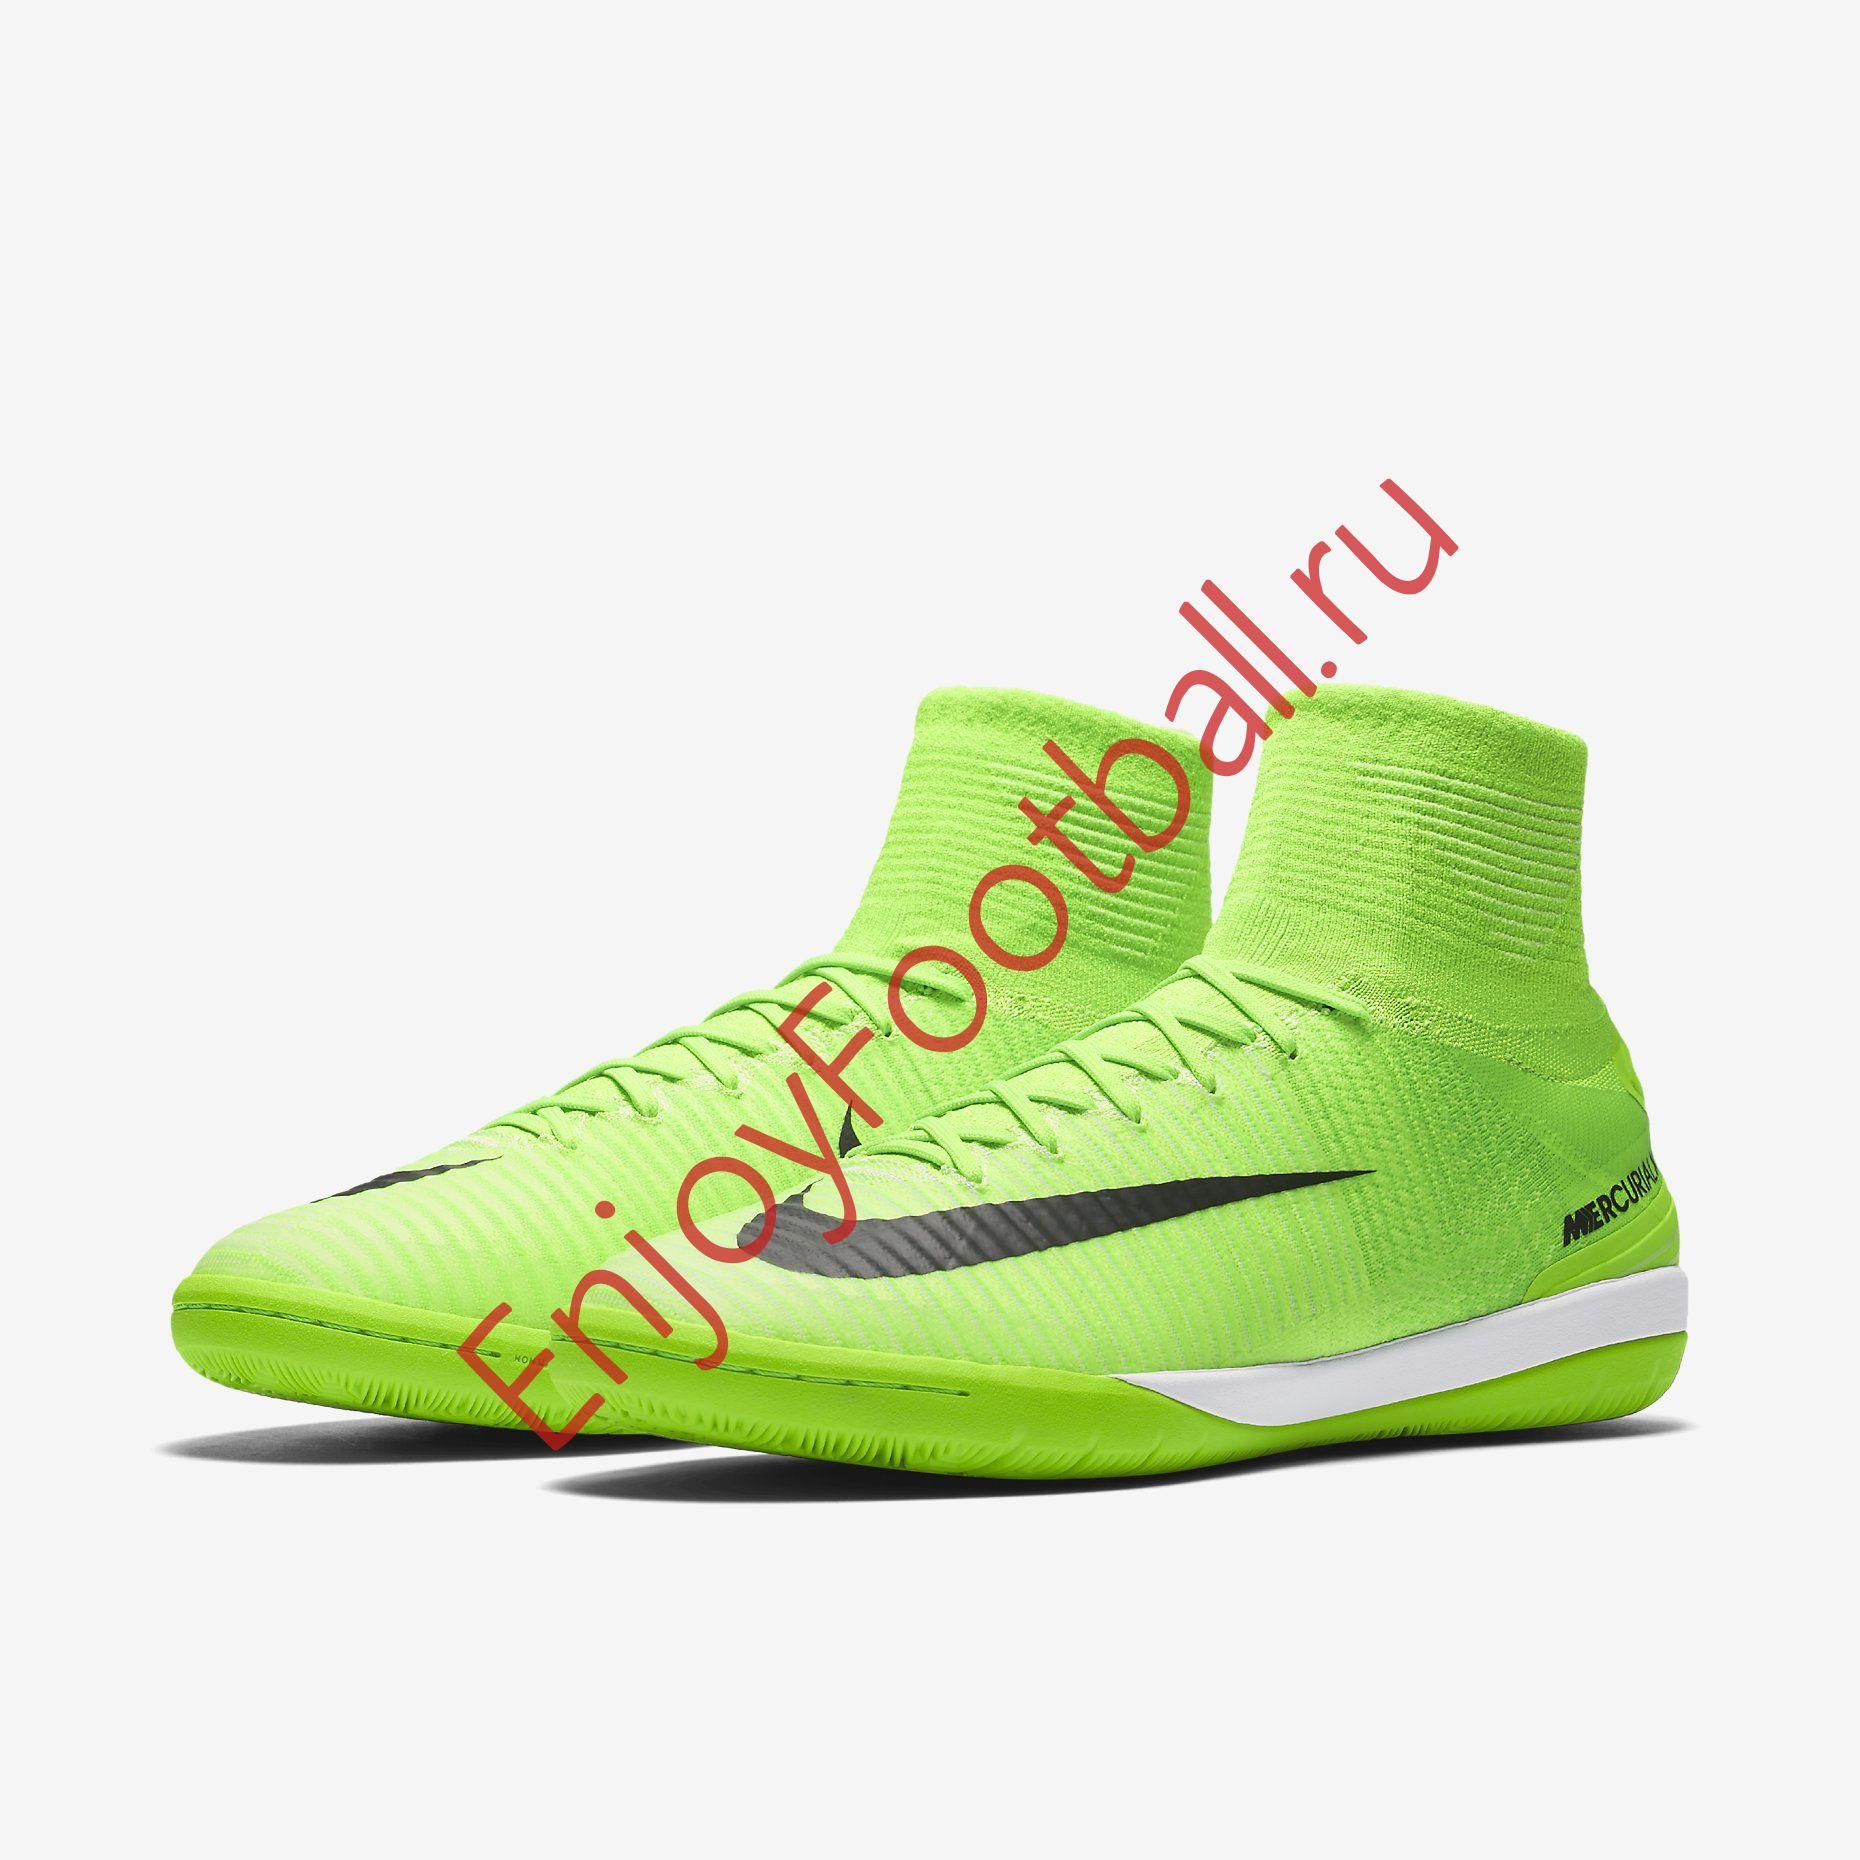 62814238 Игровая обувь для зала NIKE MERCURIALX PROXIMO II IC 831976-305 ...